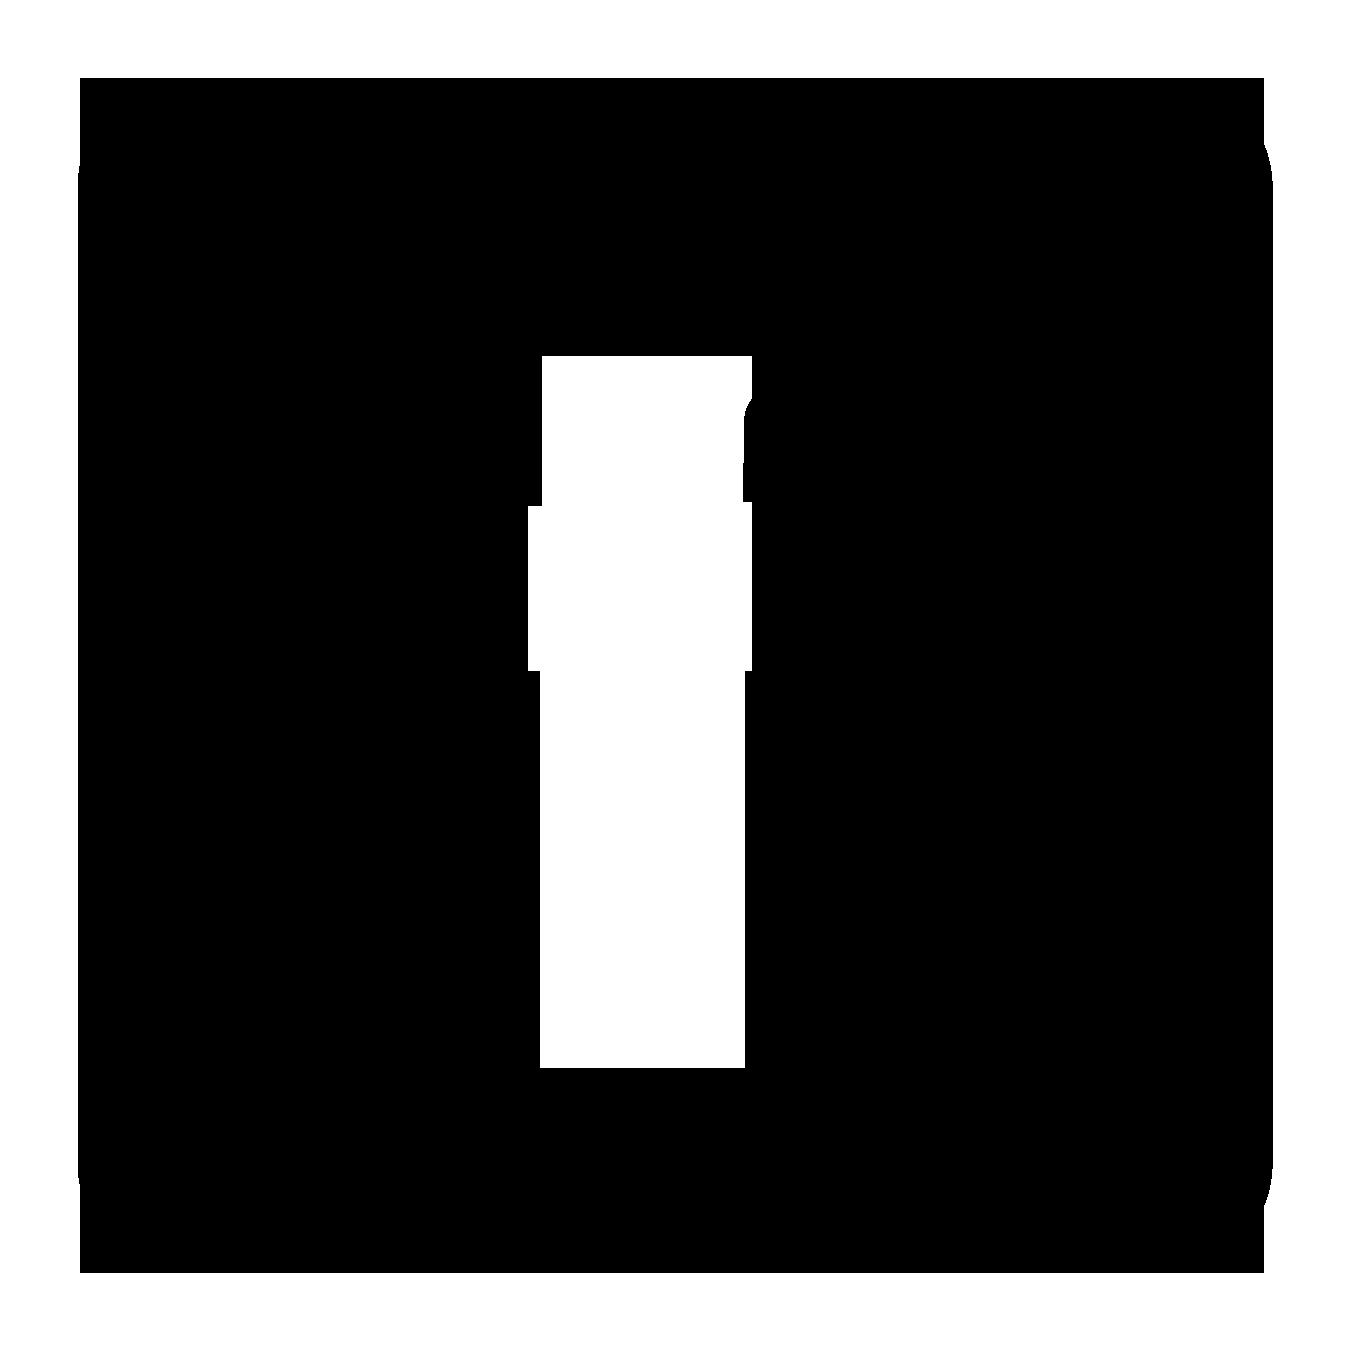 Resultado de imagen de logo facebook vector | Vector, Iconos, Siluetas